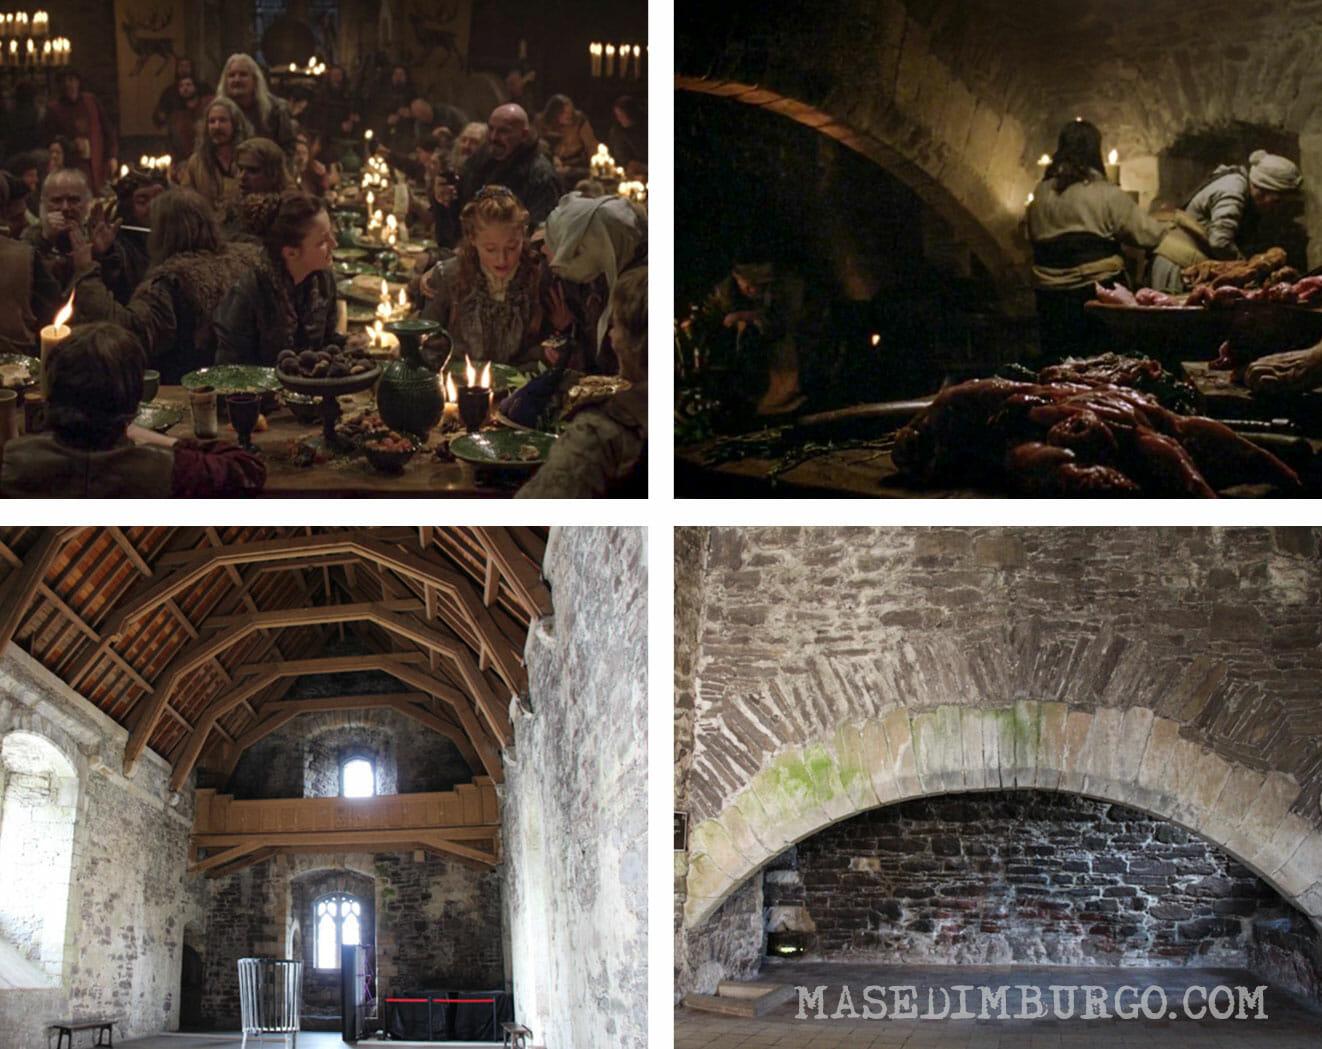 Dónde se rodó Juego de Tronos en Escocia - Doune Castle Winterfell